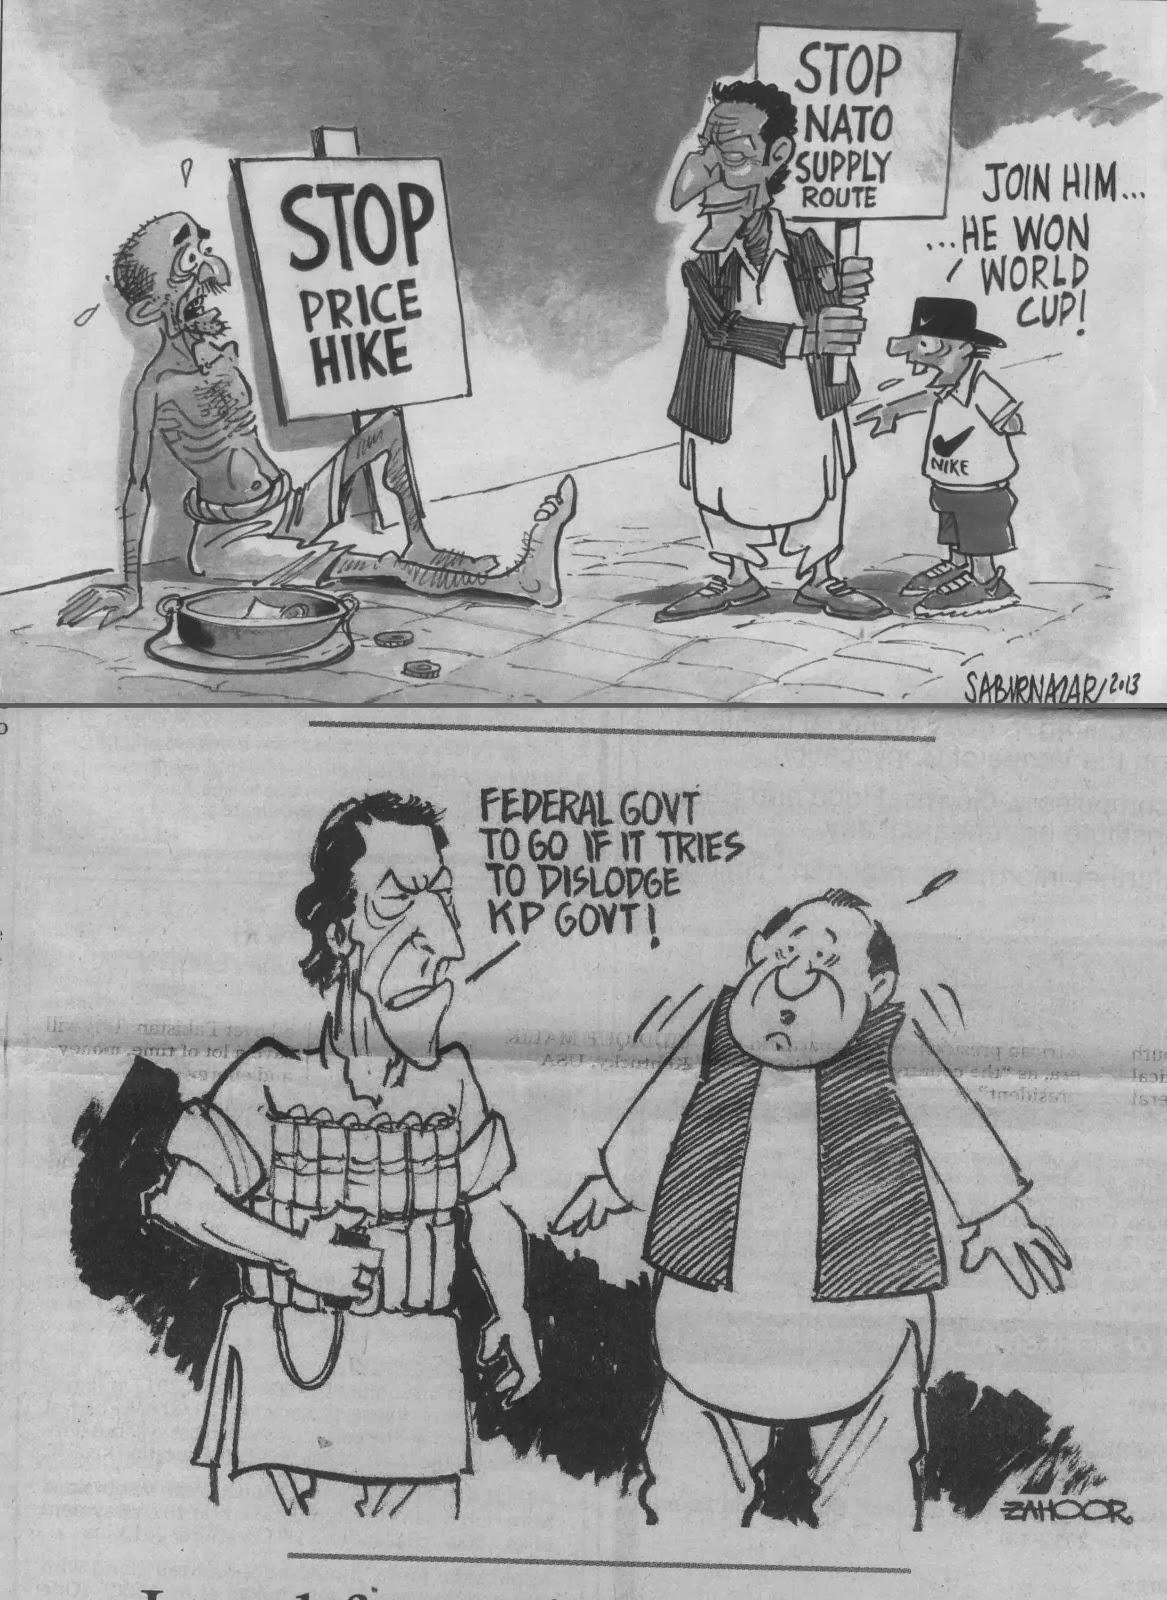 mullah Imran